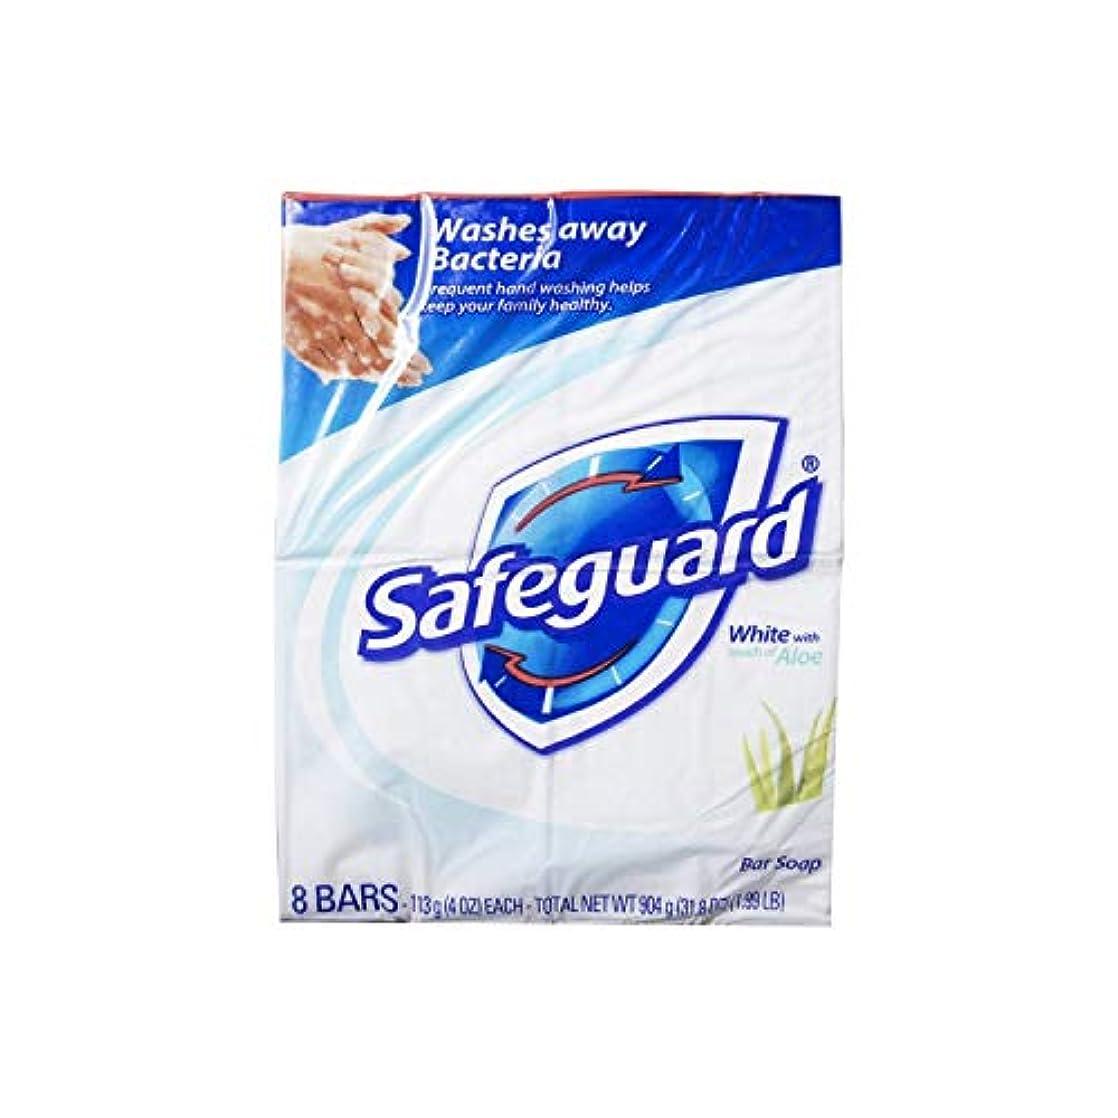 時落ちたのぞき穴Safeguard 抗菌石鹸、ホワイトアロエでは、4つのオズバー、8 Eaは(6パック)